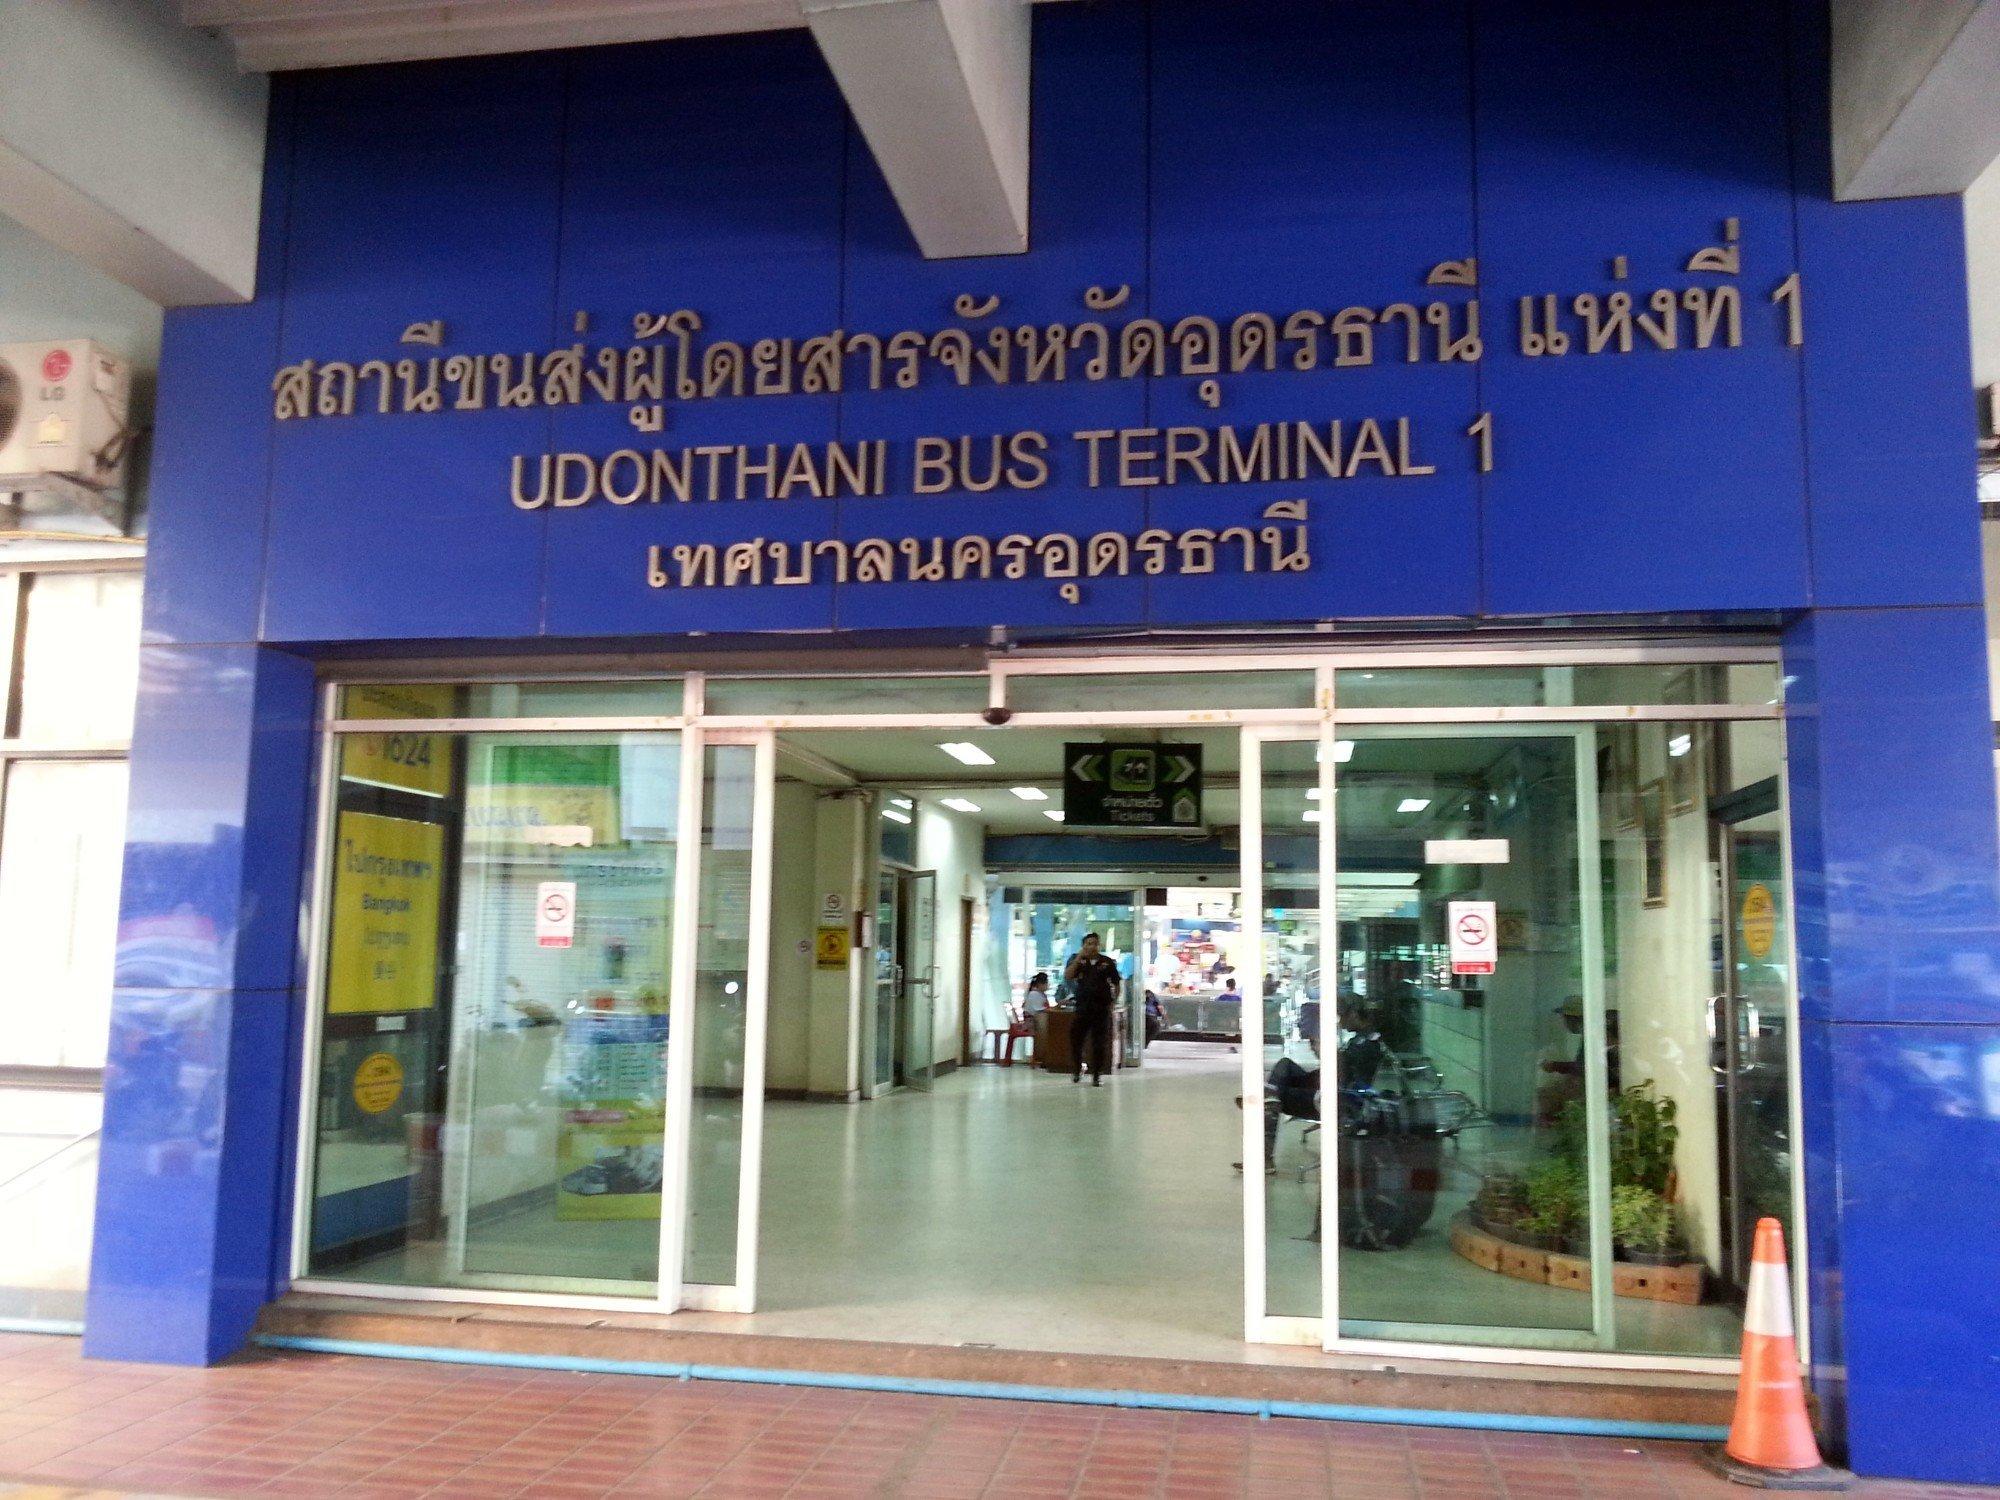 Udon Thani Bus Terminal 1